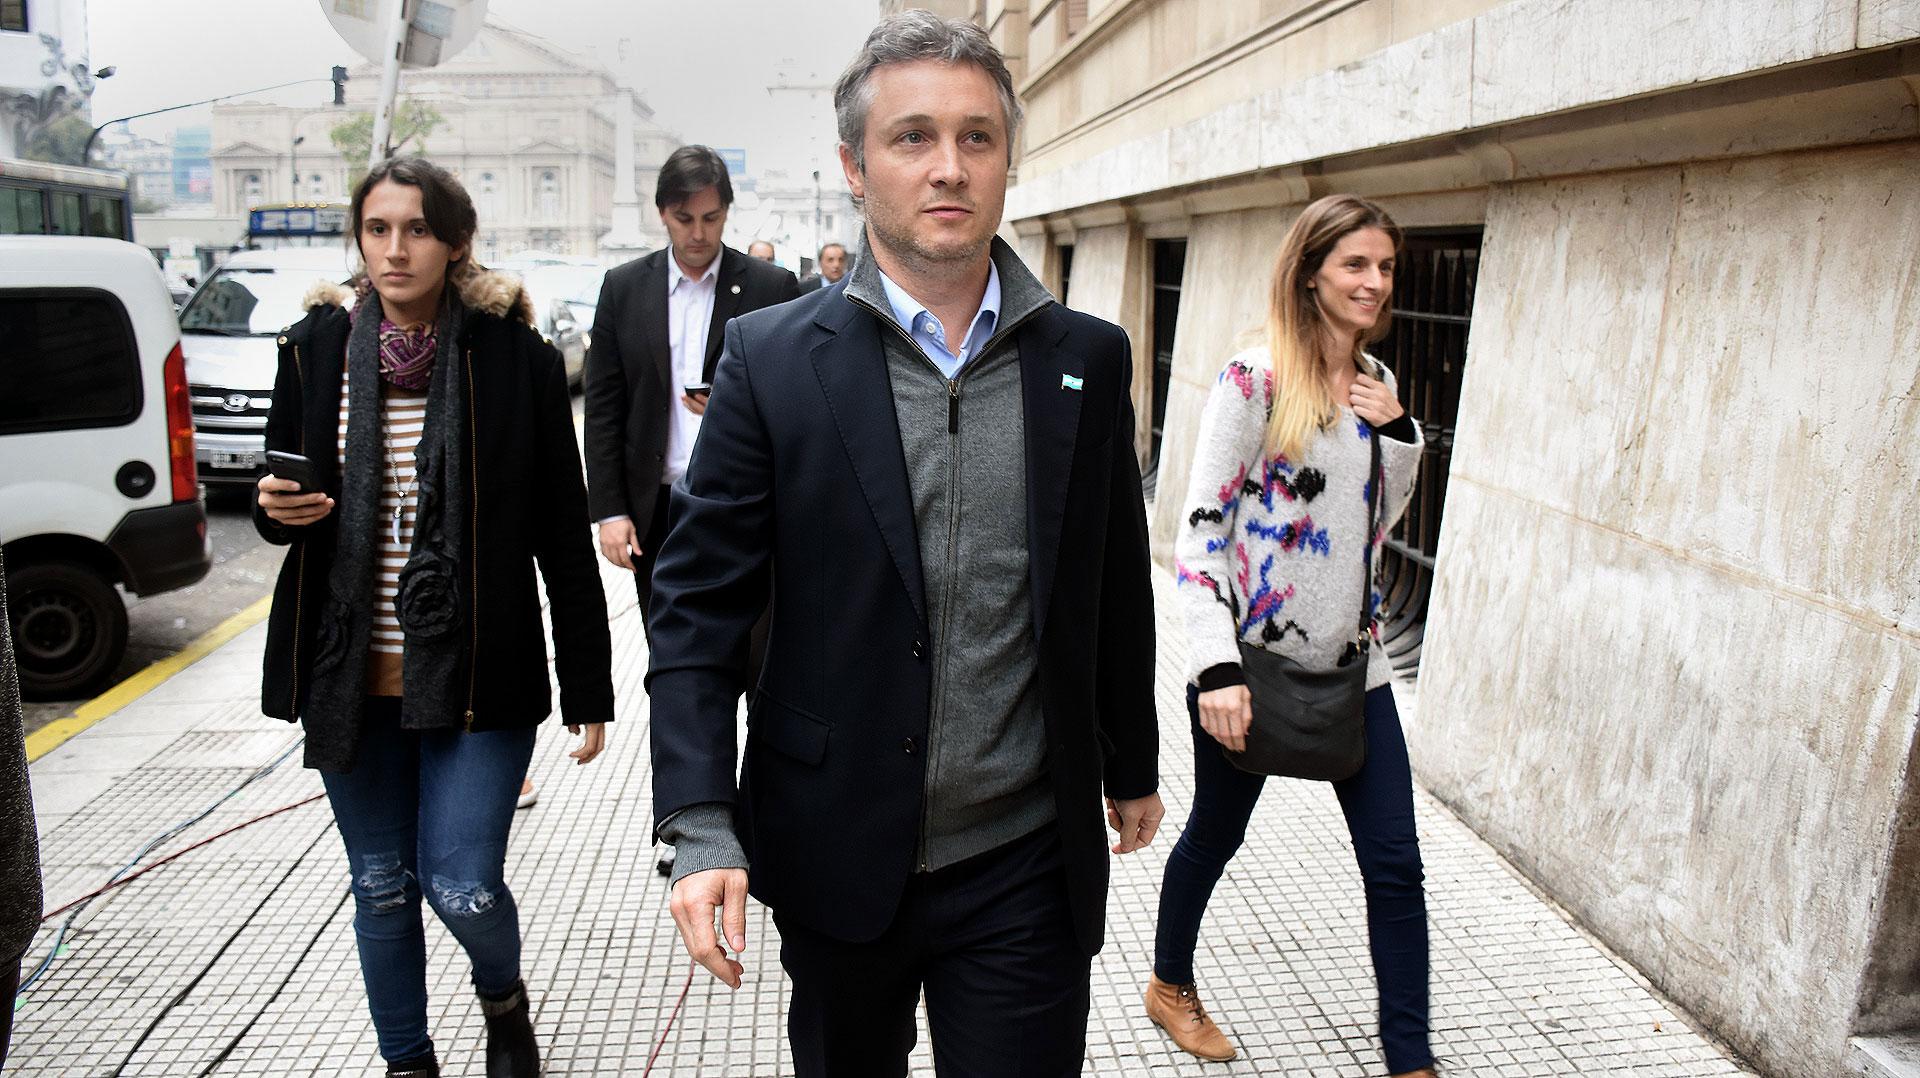 De Andreis dijo que el Gobierno no quiere un cobro adicional para ver los partidos (Nicolás Stulberg)